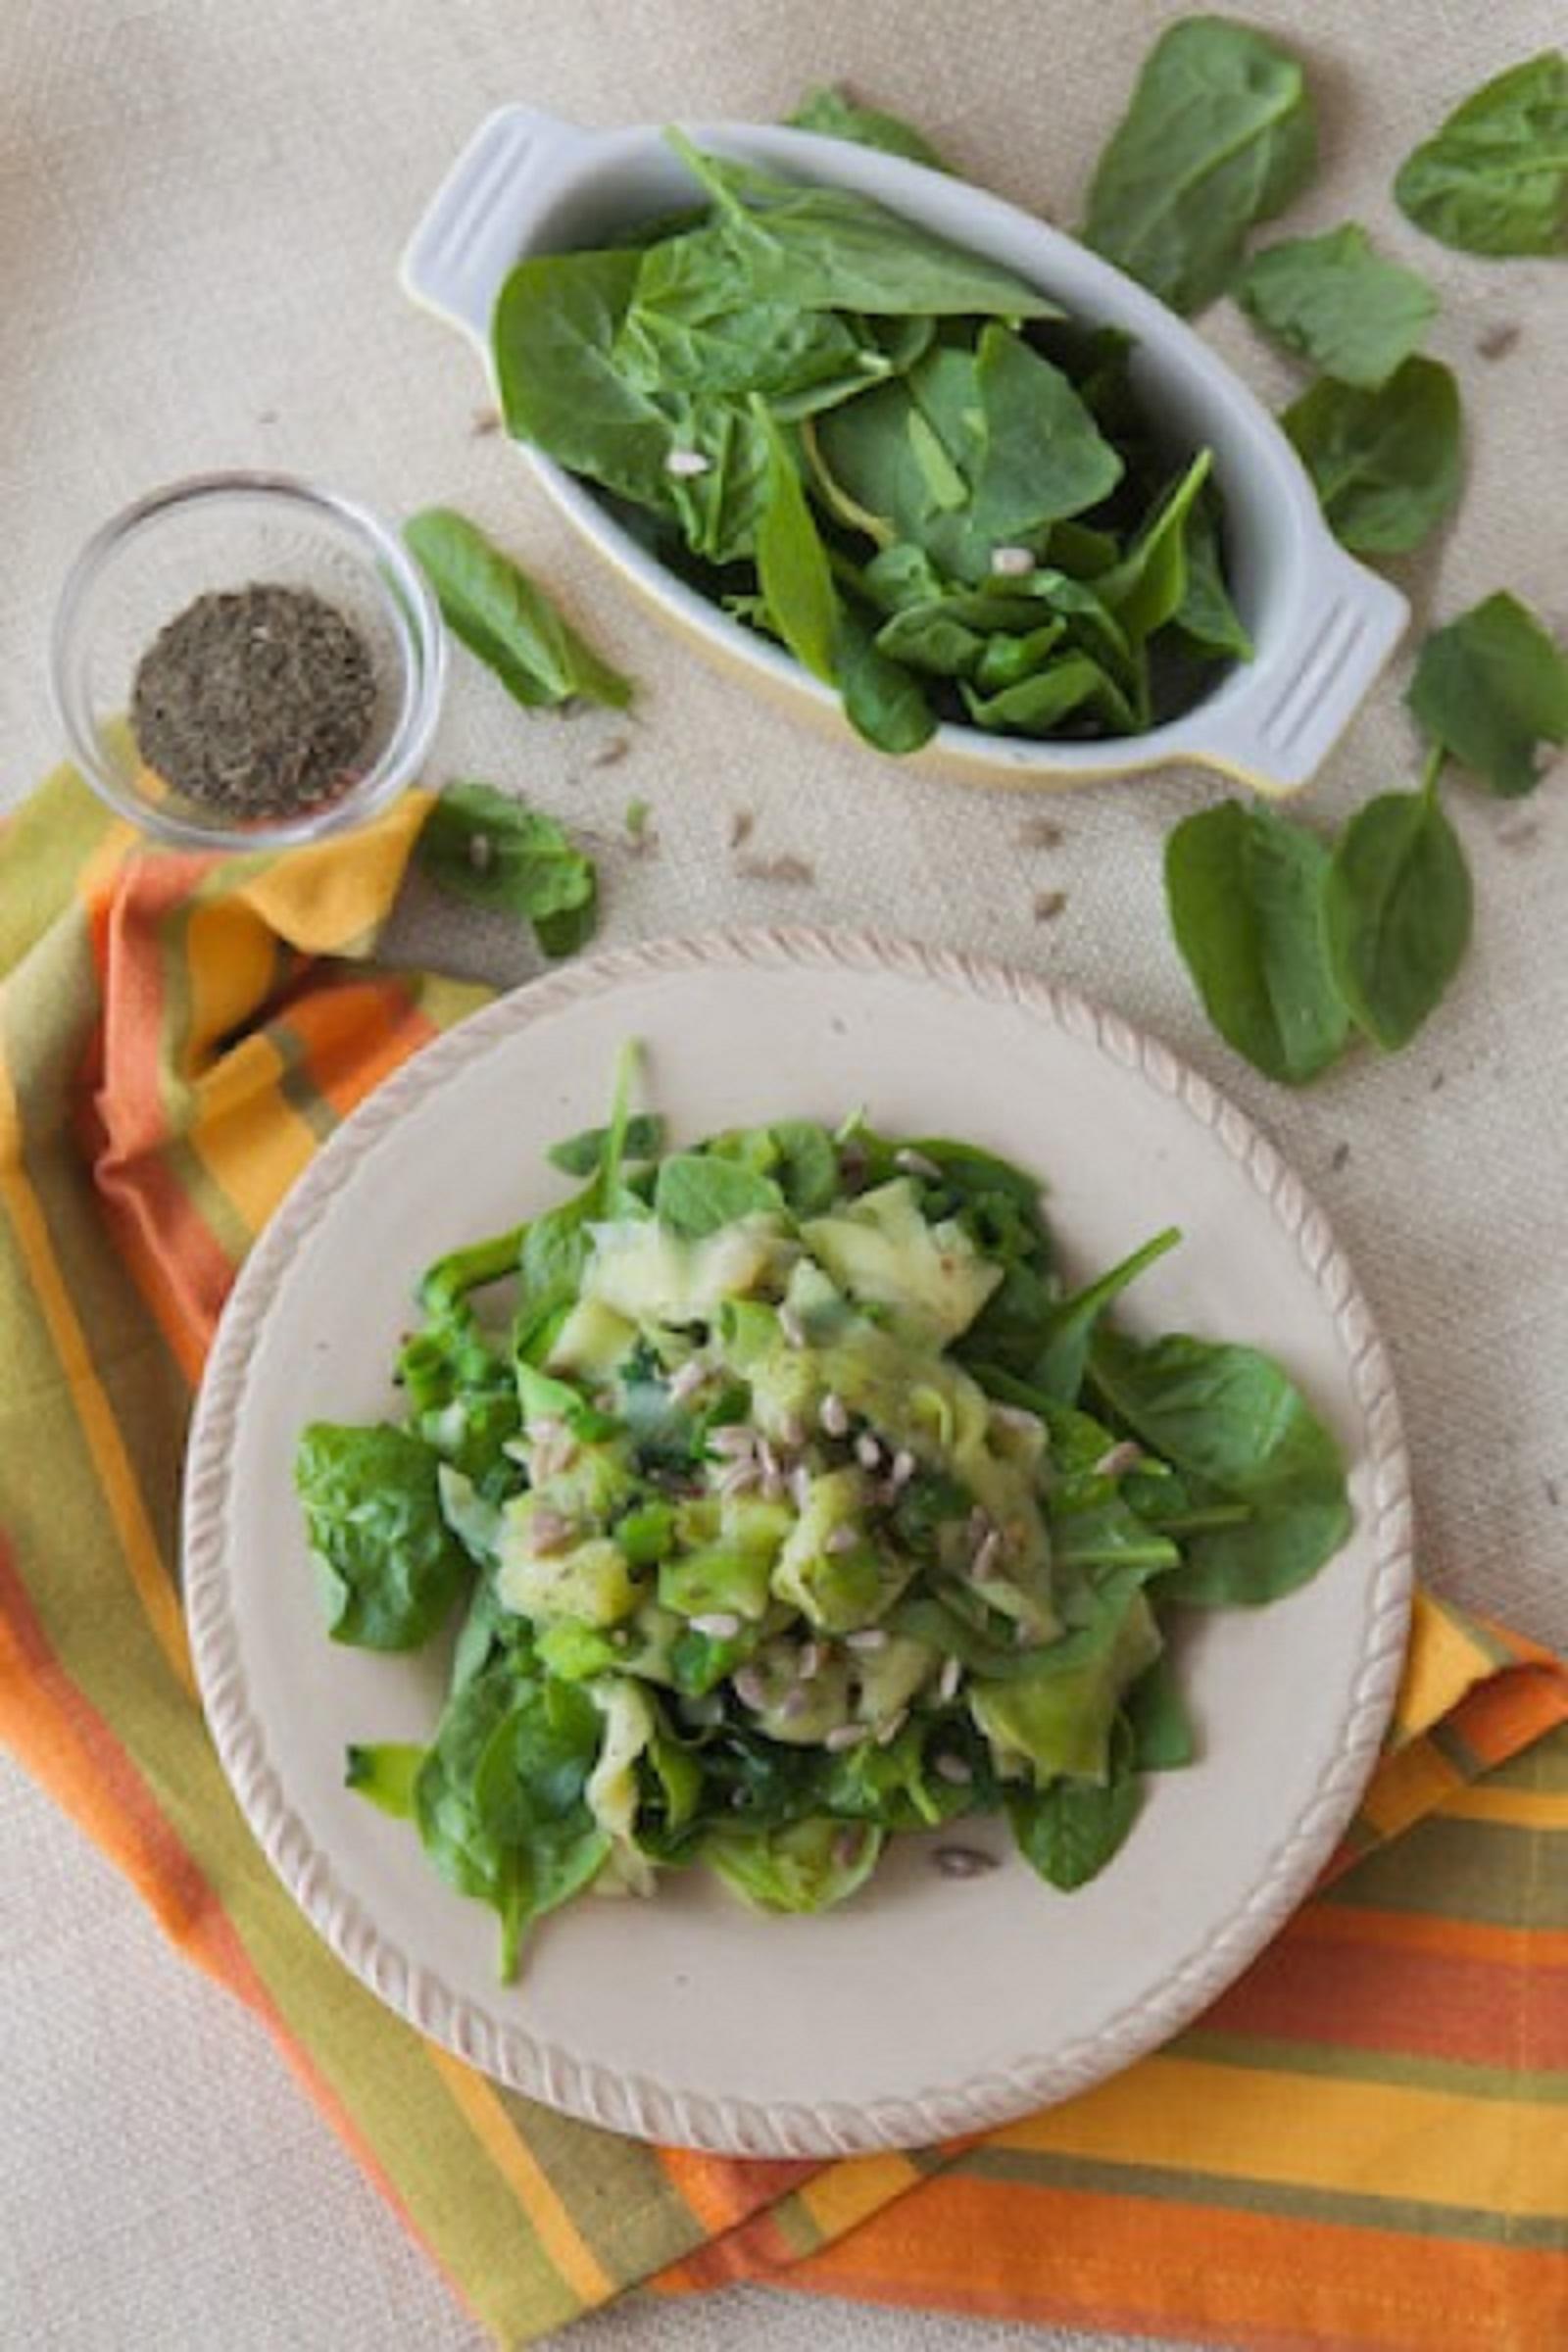 Zucchini Ribbon and Spinach Saute